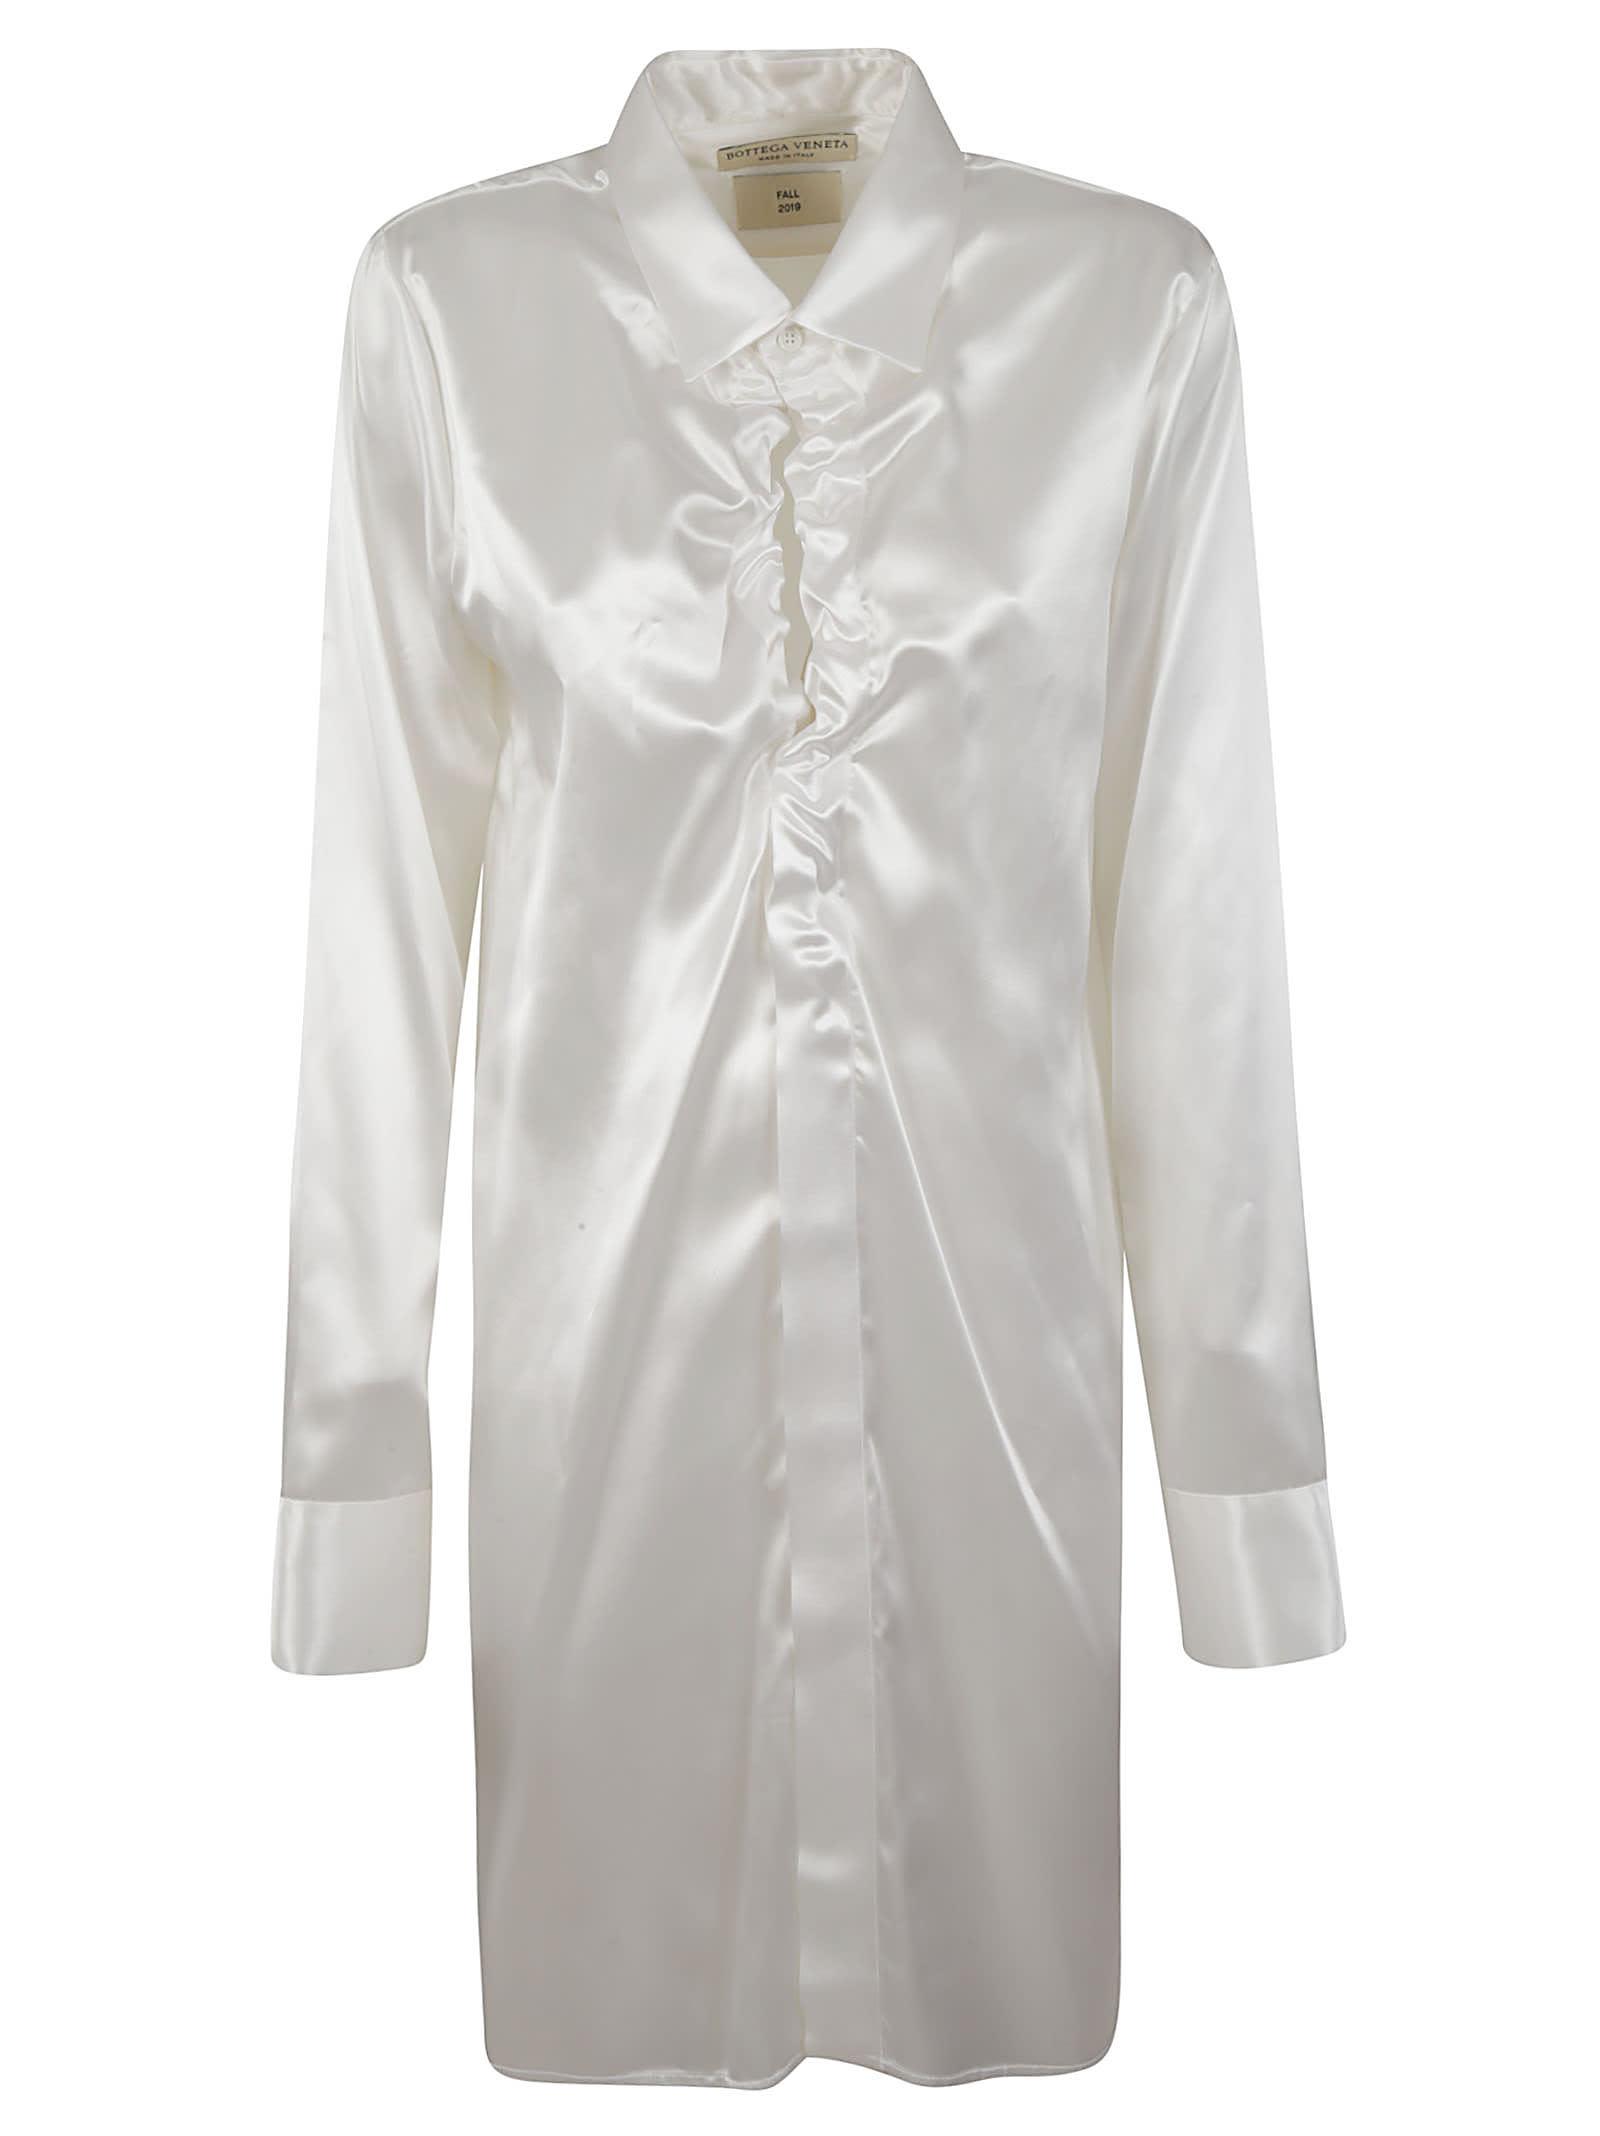 Bottega Veneta Buttoned Coat